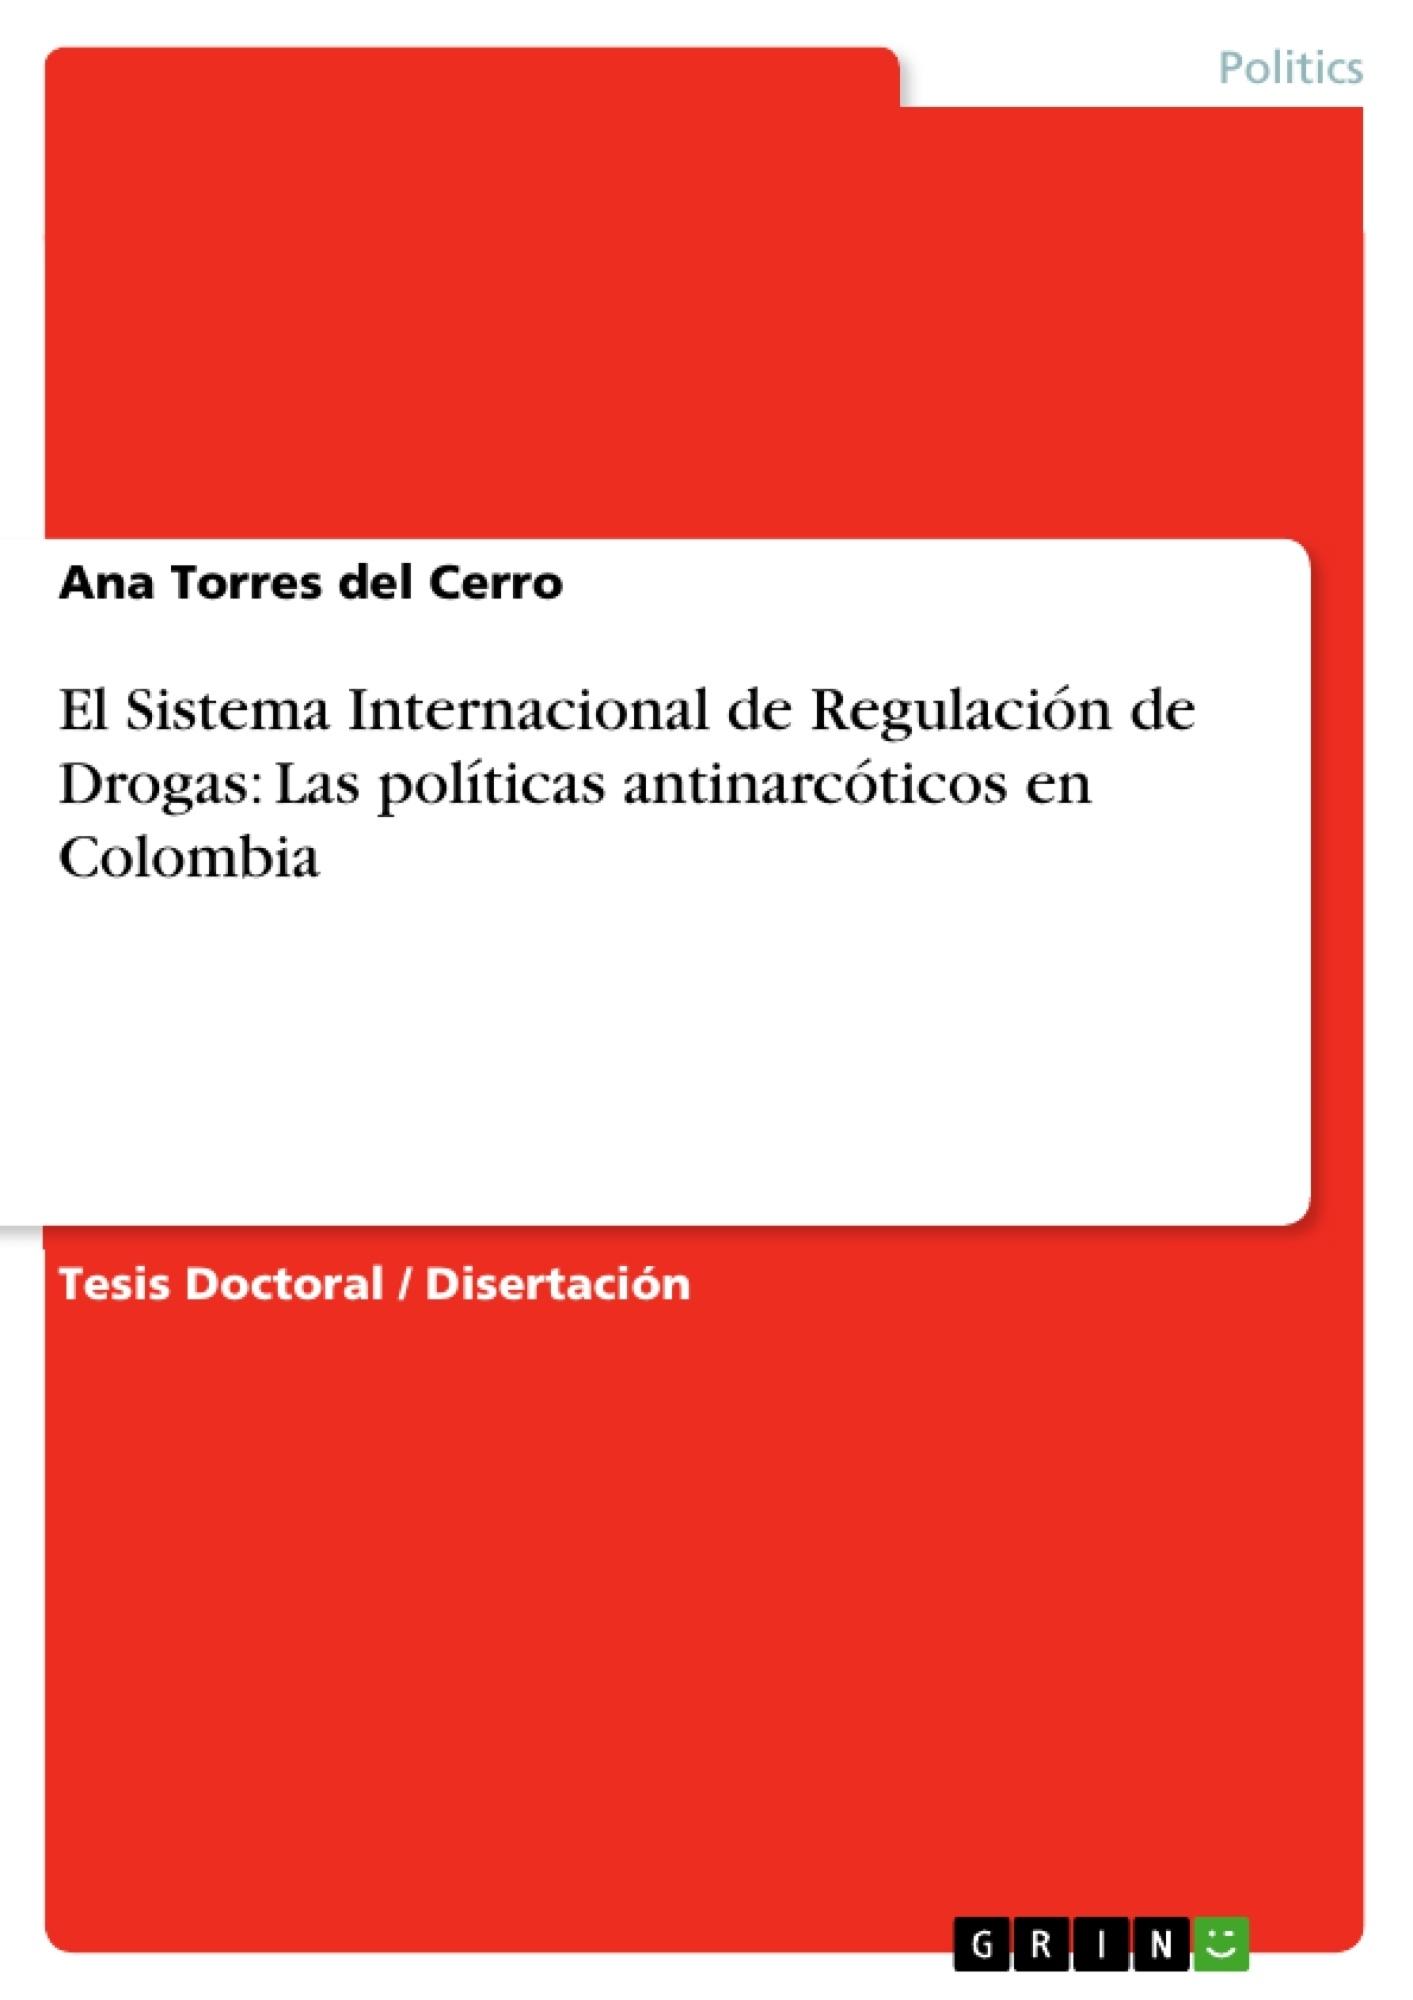 Título: El Sistema Internacional de Regulación de Drogas: Las políticas antinarcóticos en Colombia